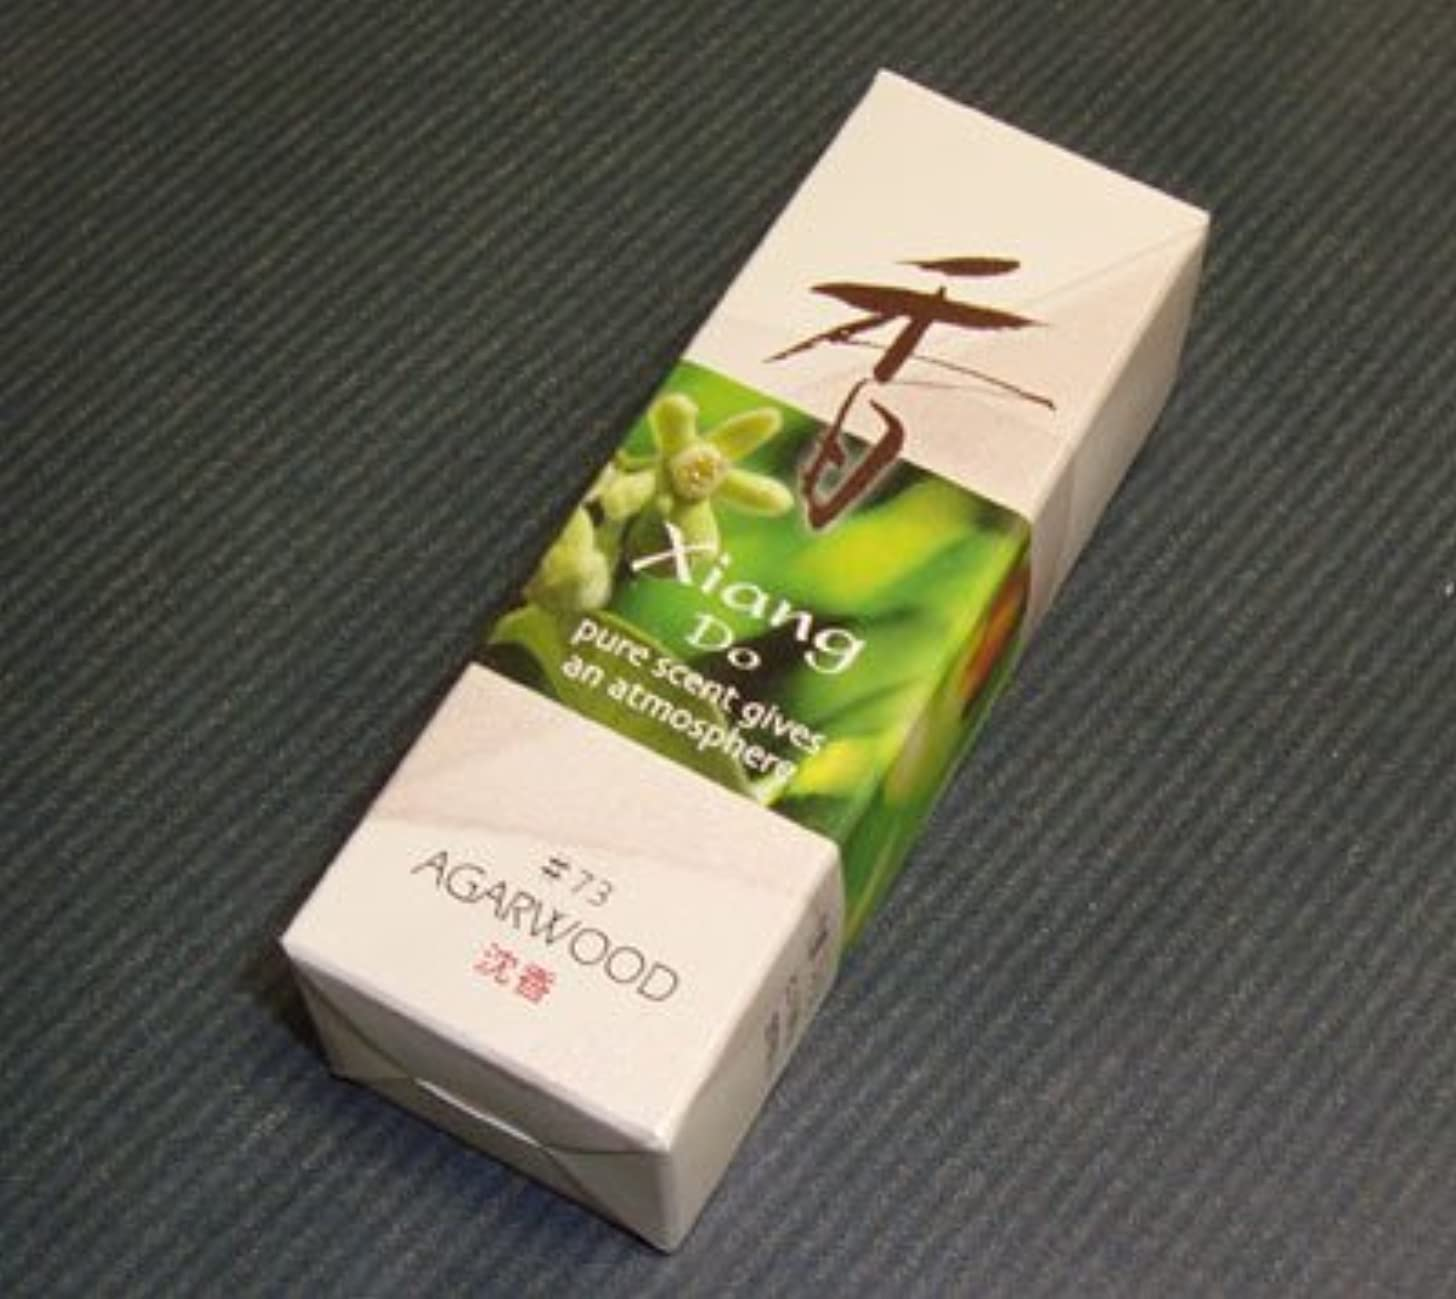 無謀フェロー諸島羨望沈水香木の落着いた香りです 松栄堂【Xiang Do アガーウッド】スティック 【お香】